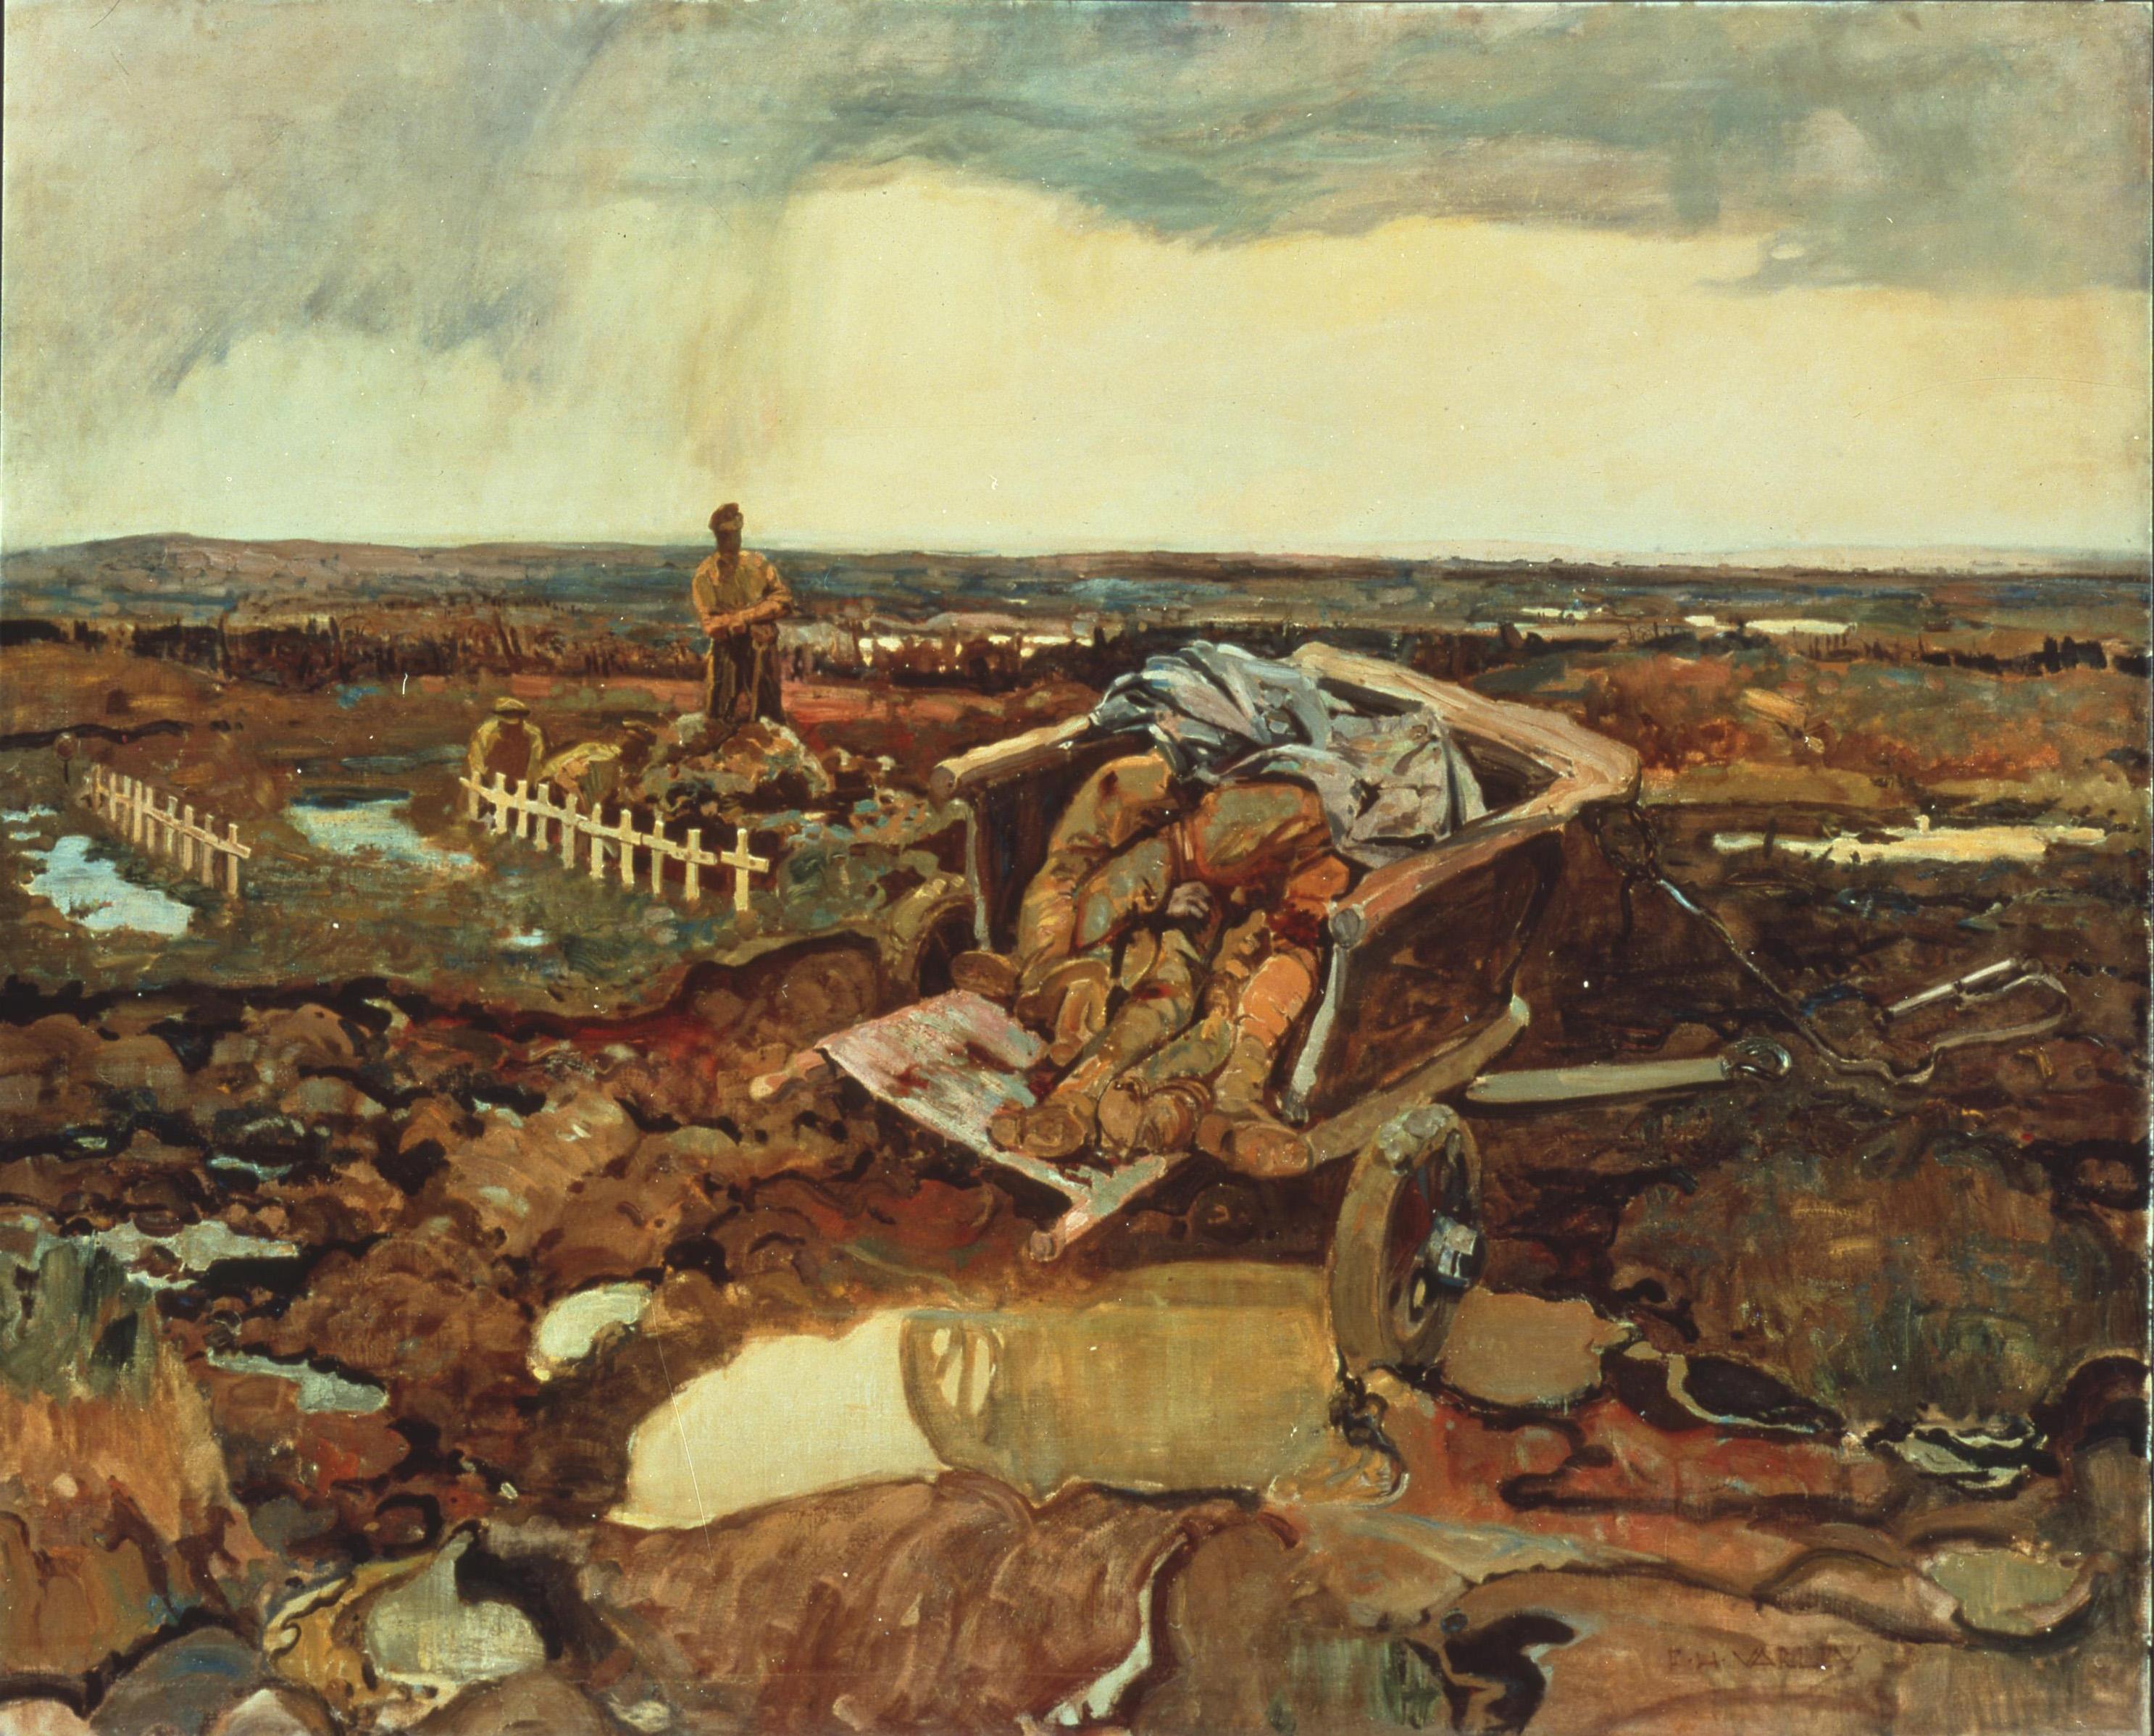 Fredrick Varley, Pour quoi?, 1917-1919.